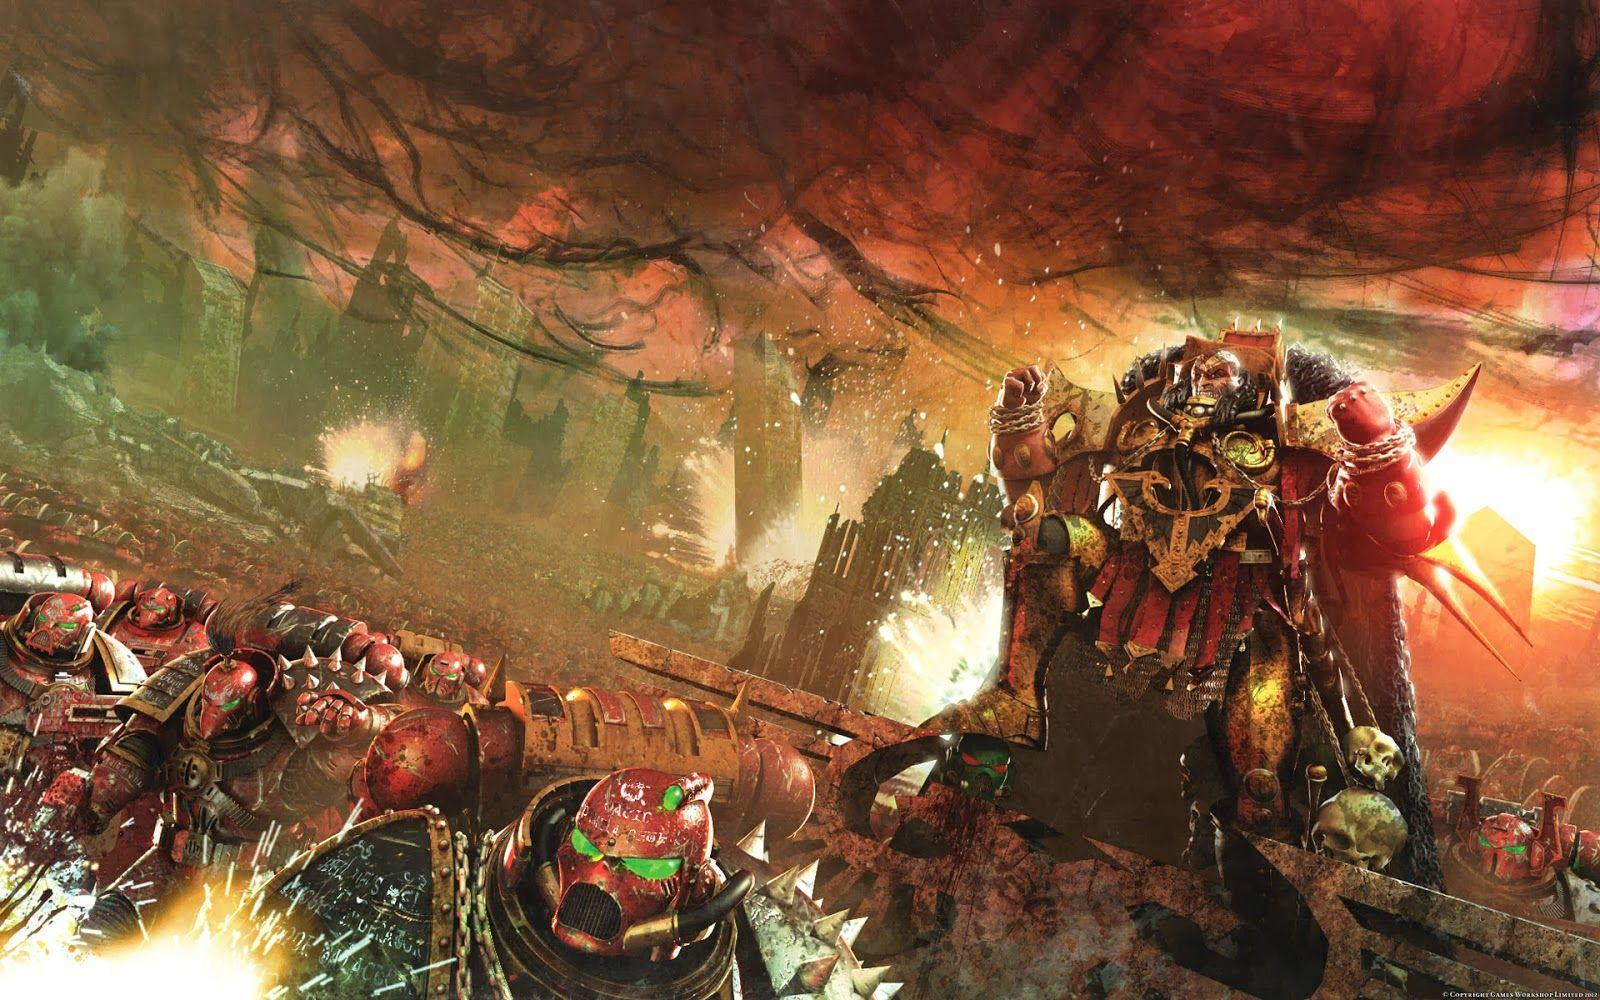 warhammer horus heresy hd wallpaper - photo #5